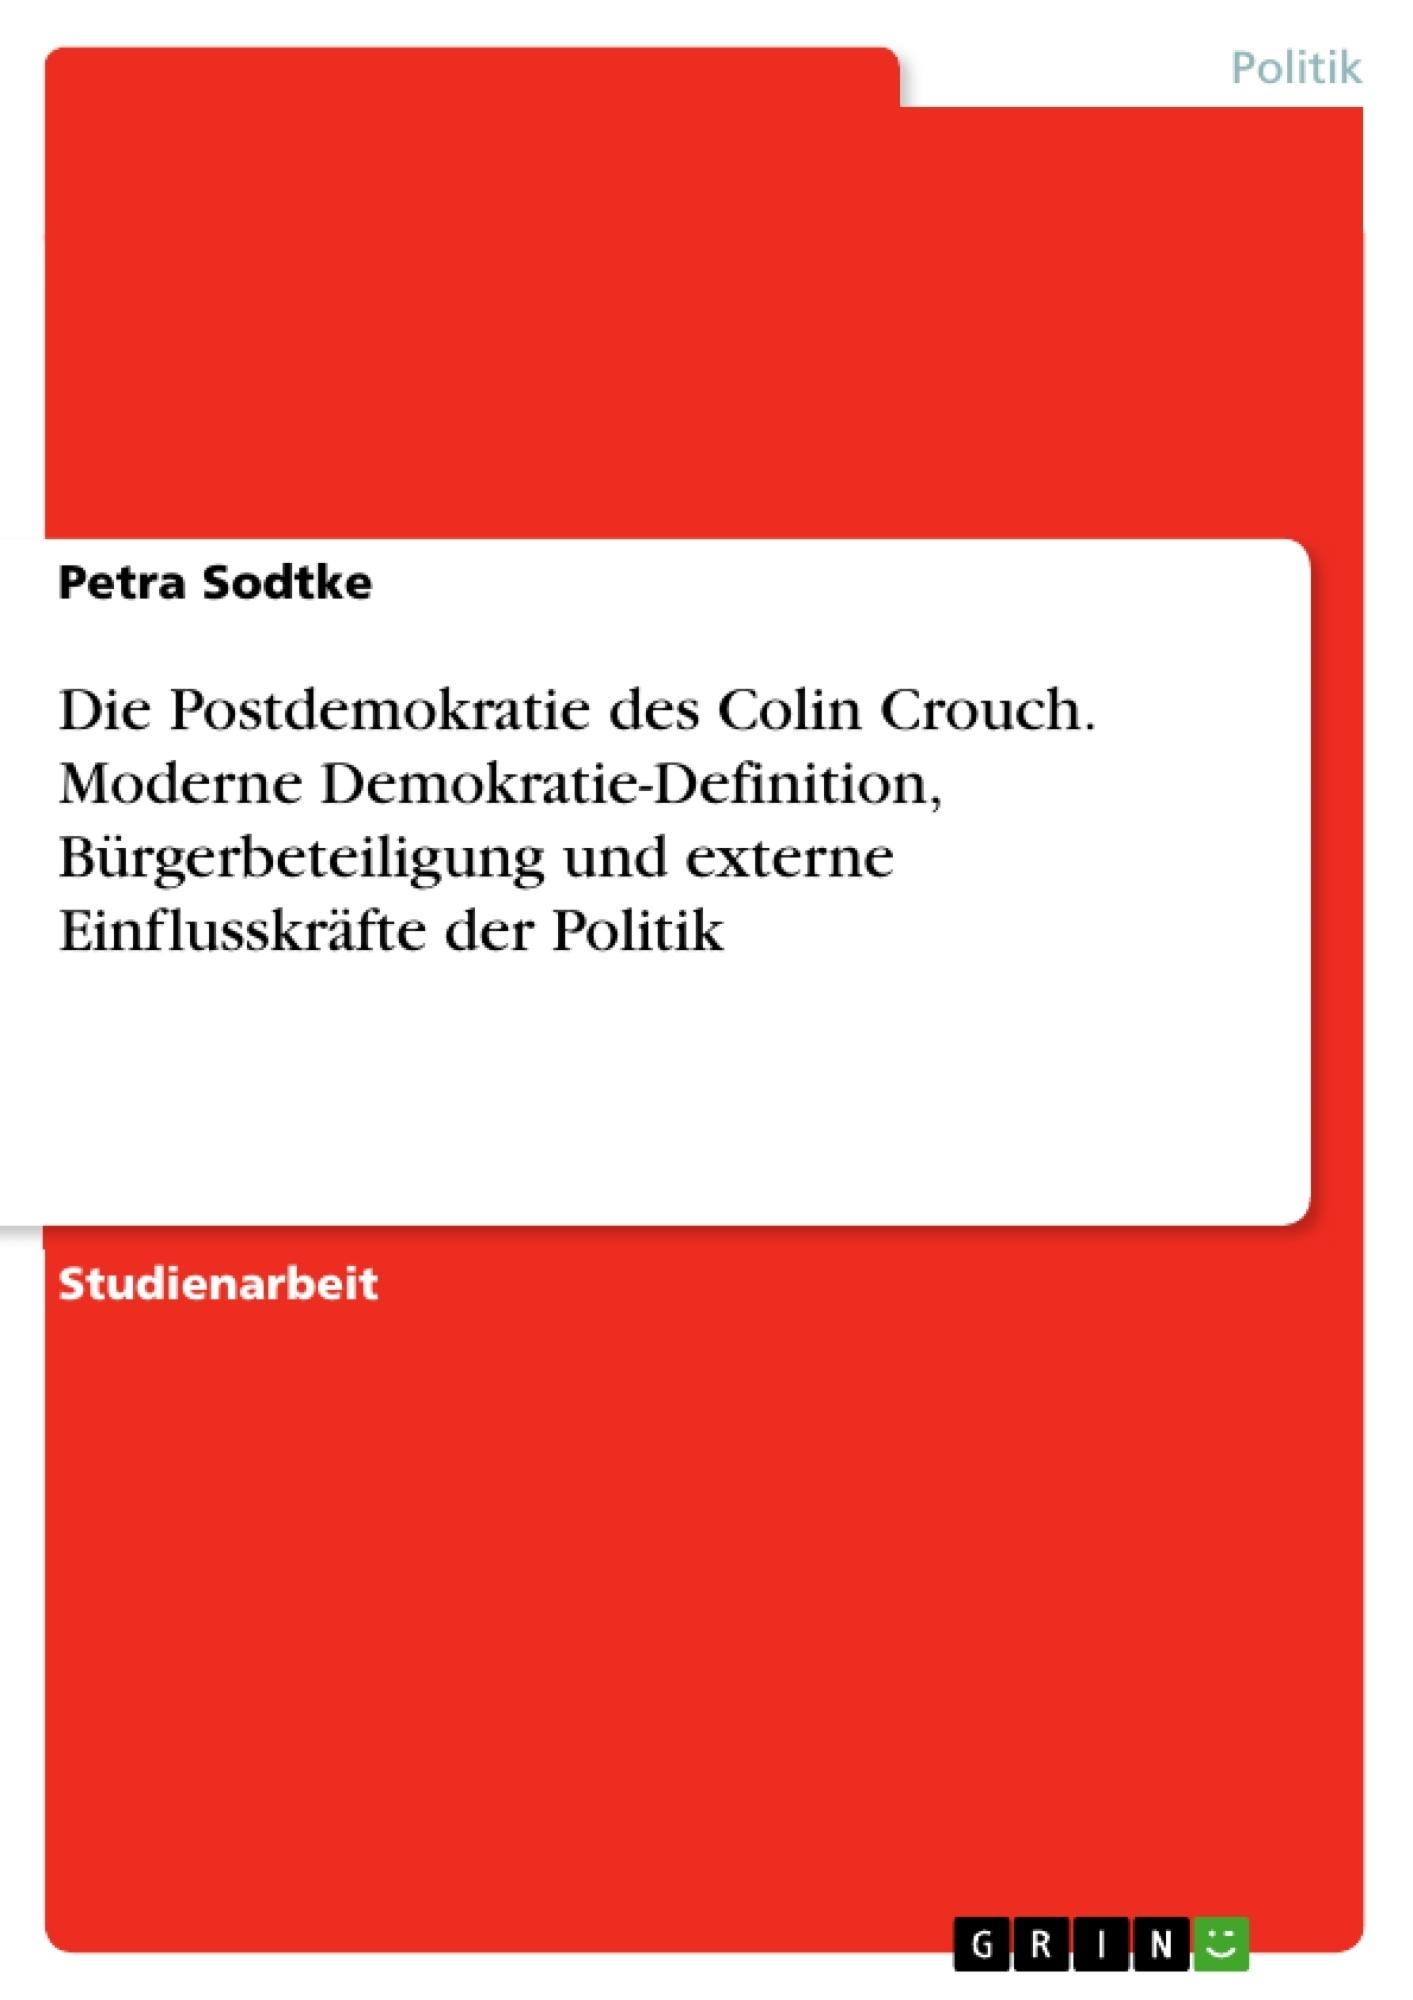 Titel: Die Postdemokratie des Colin Crouch. Moderne Demokratie-Definition, Bürgerbeteiligung und externe Einflusskräfte der Politik